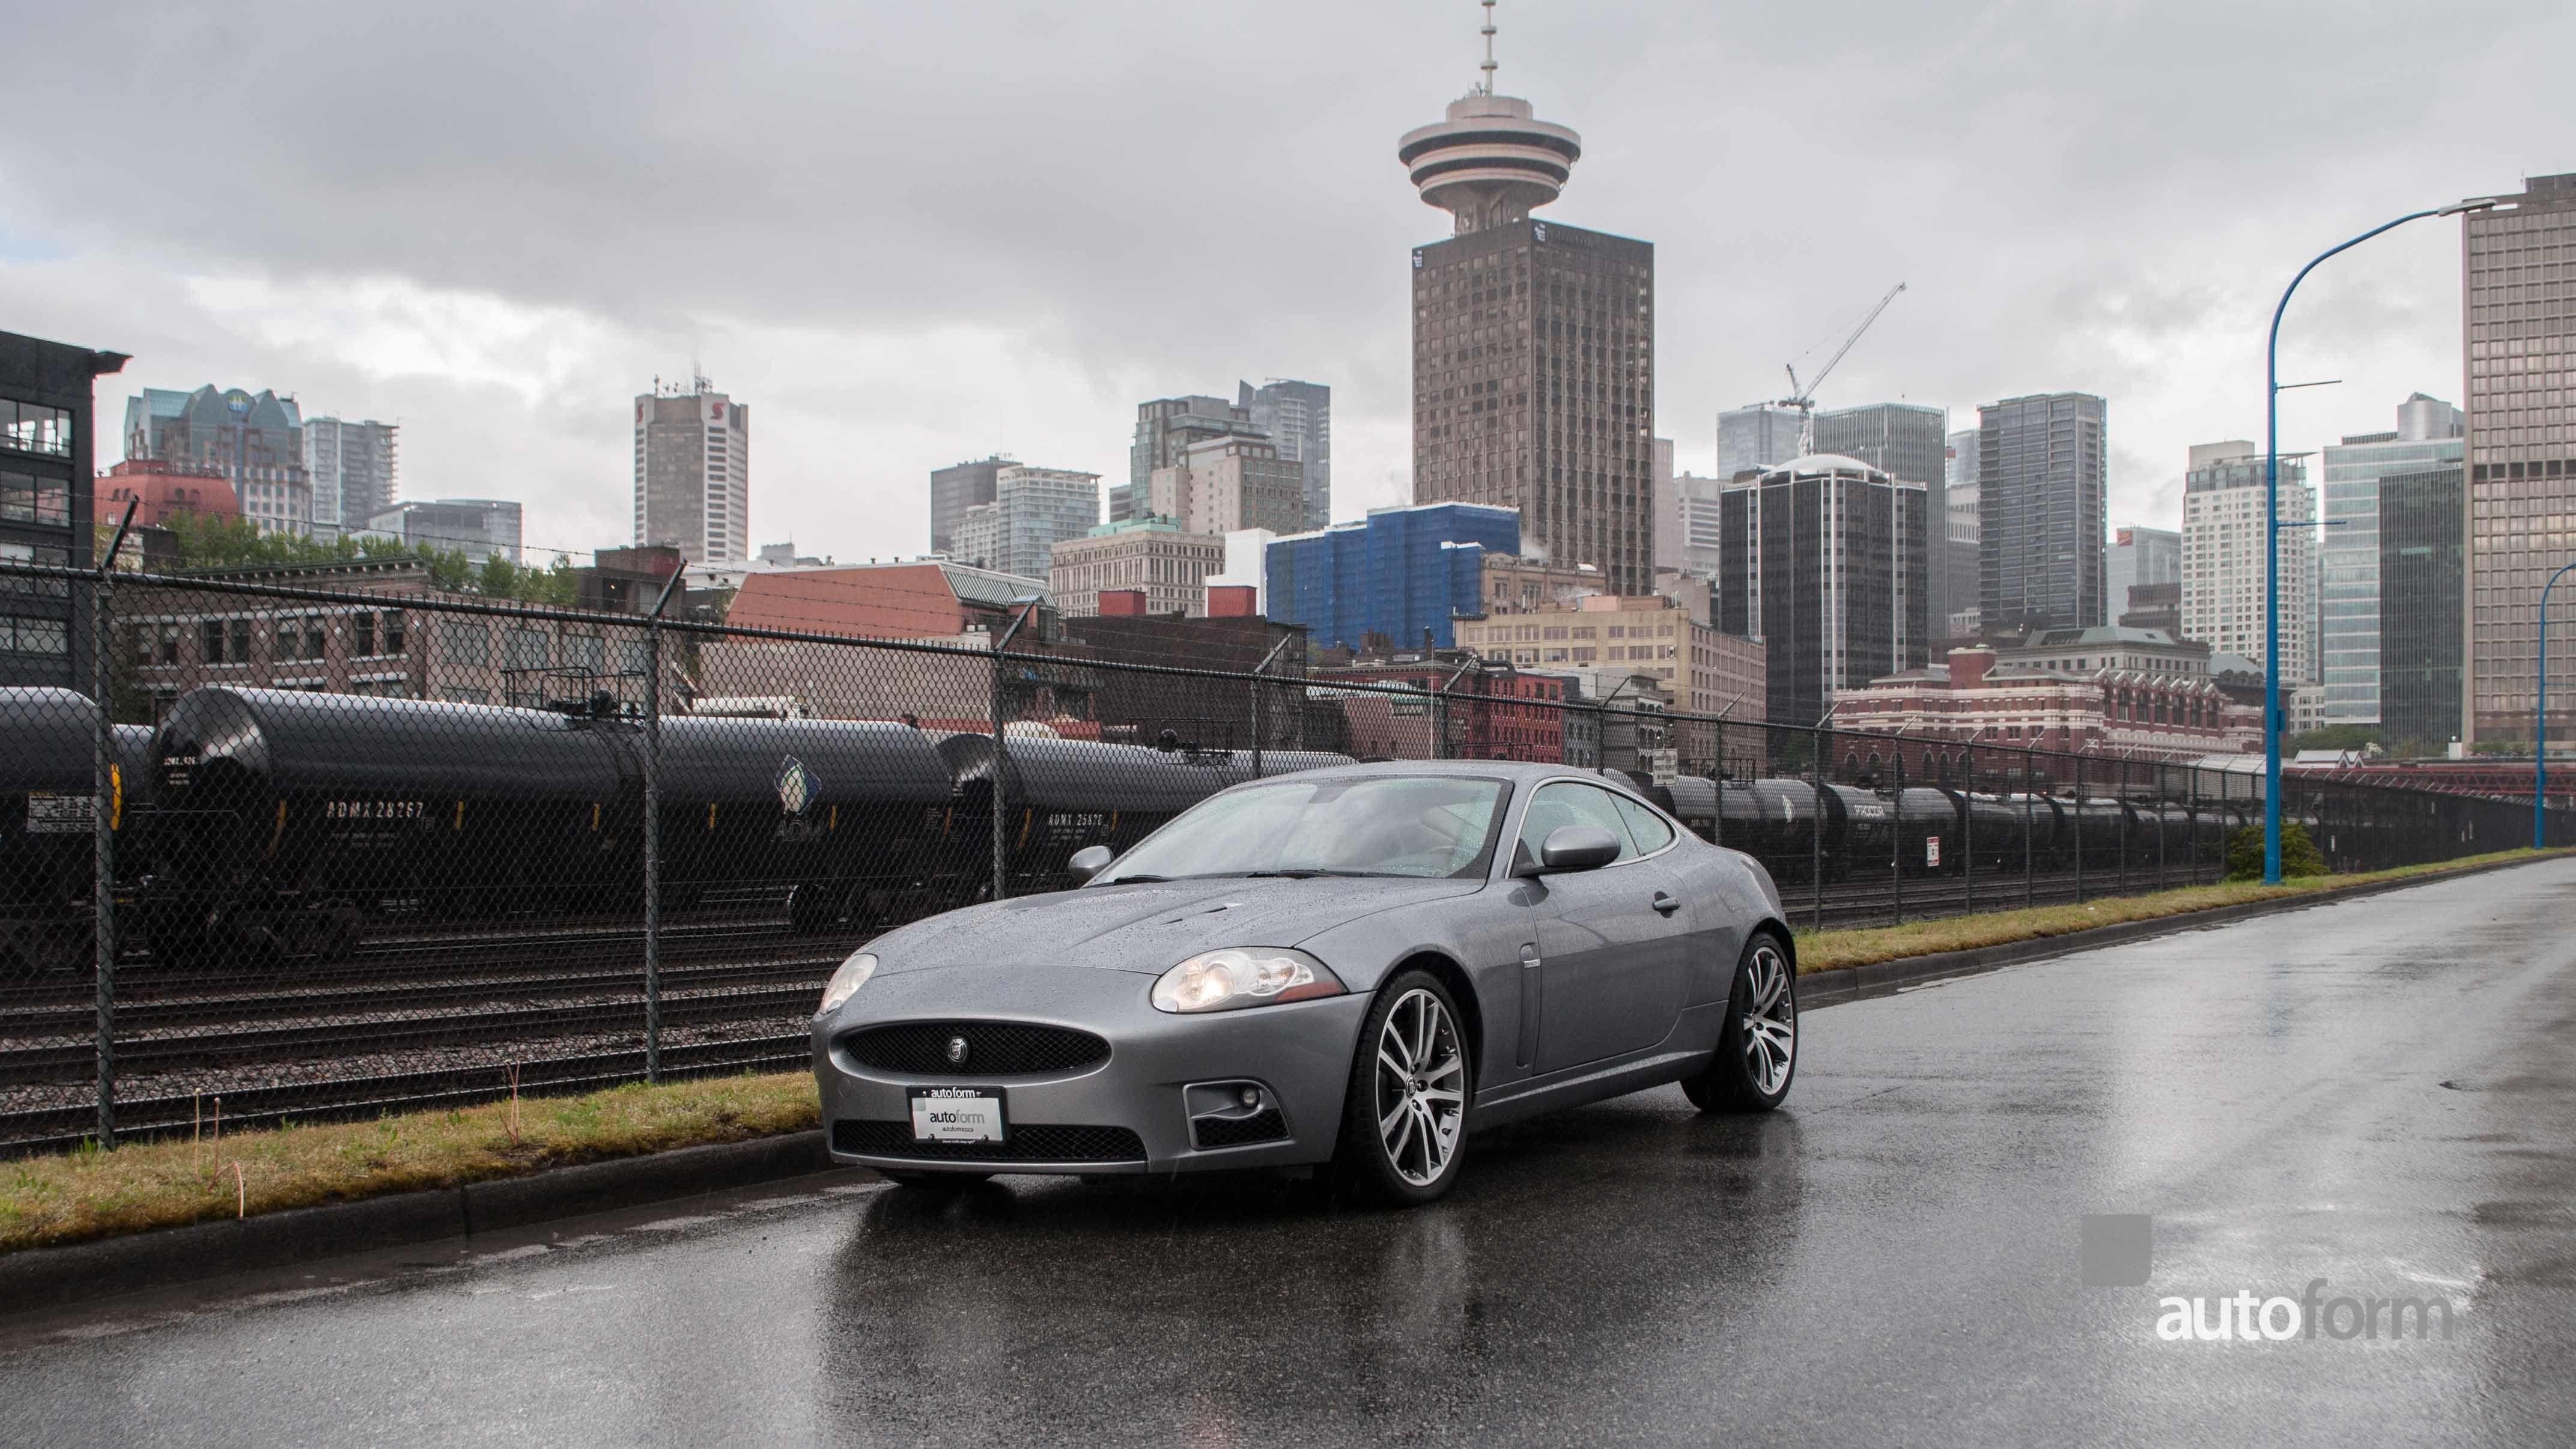 6936 d1c0f57565242007 jaguar xkr vancouver autoform2